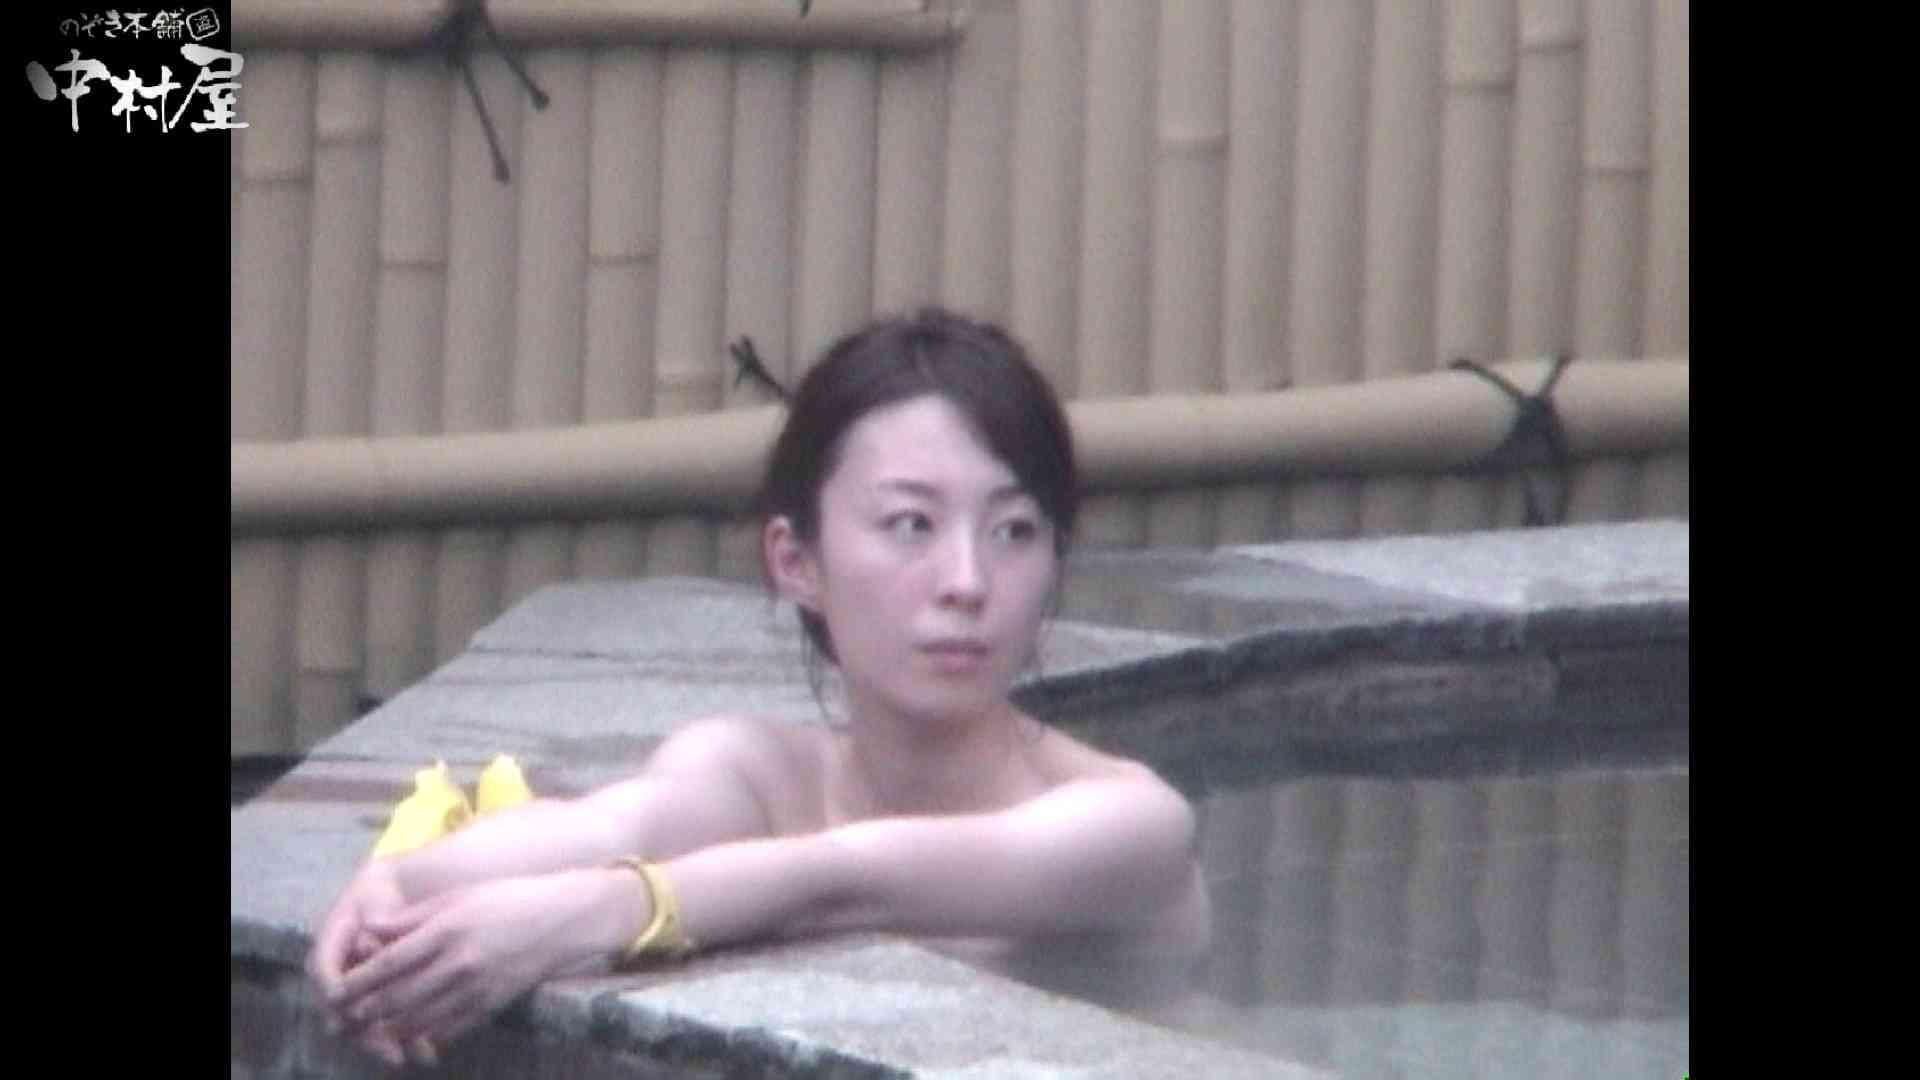 Aquaな露天風呂Vol.964 露天 | 盗撮  97枚 7